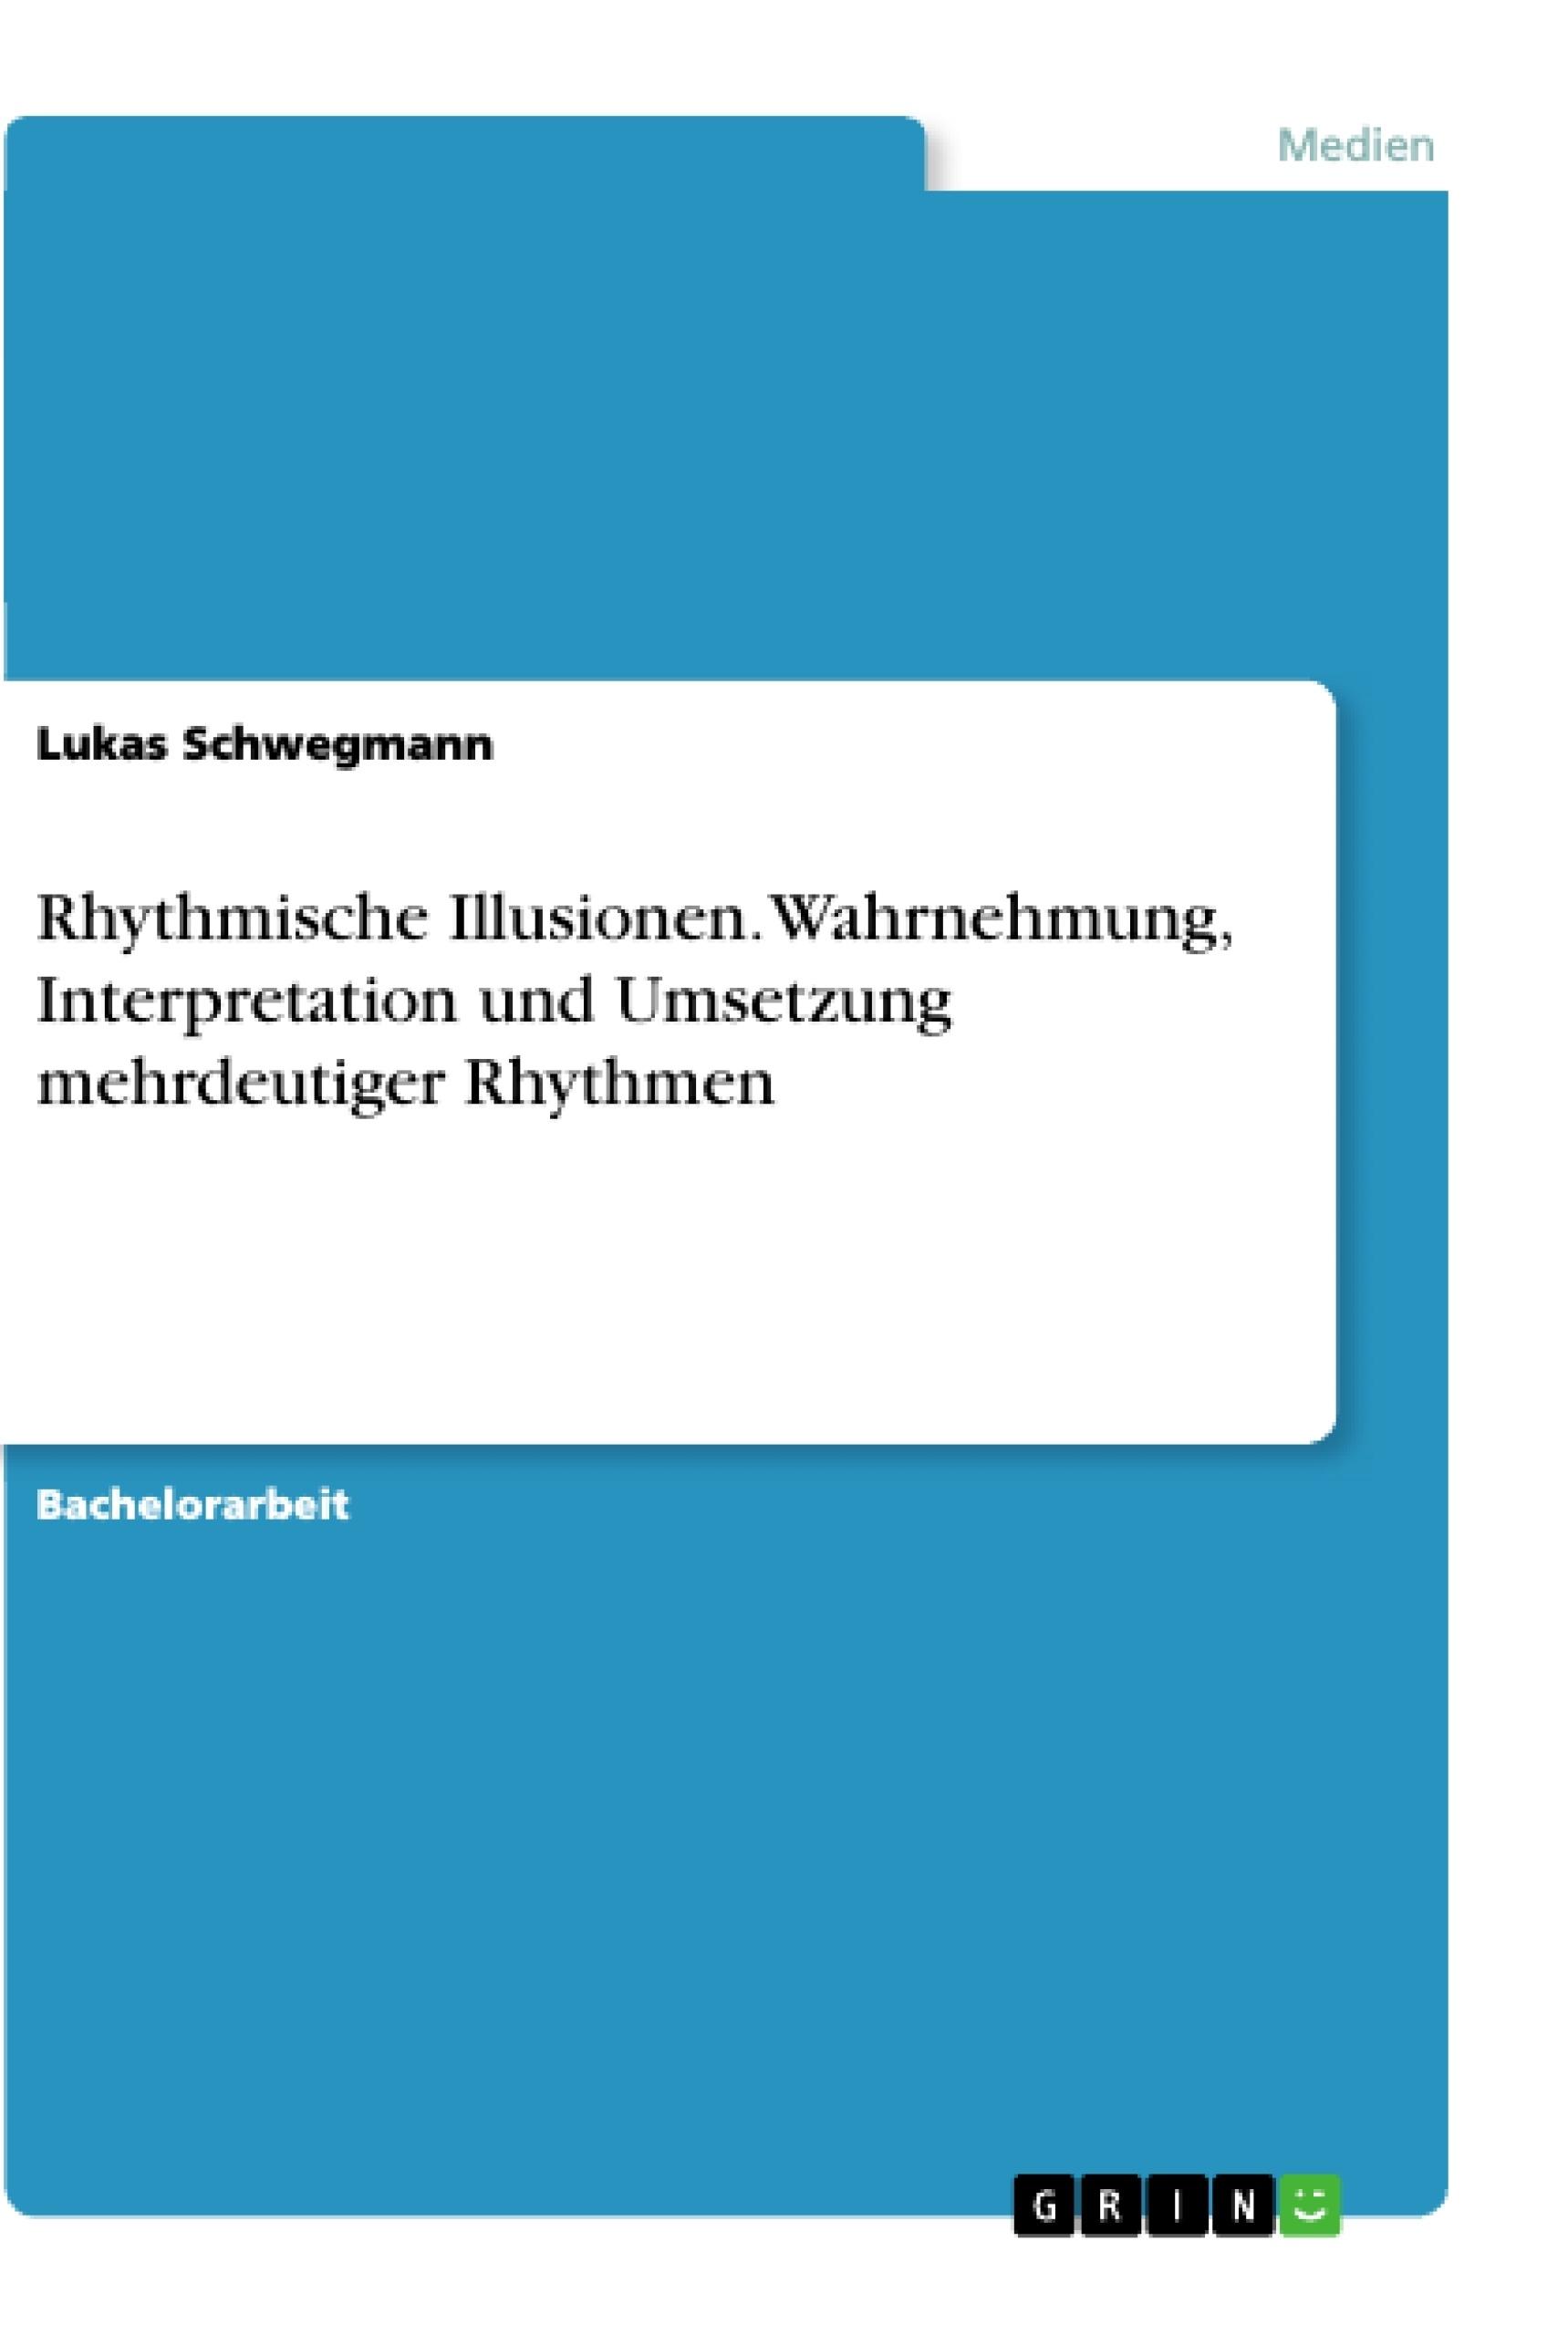 Titel: Rhythmische Illusionen. Wahrnehmung, Interpretation und Umsetzung mehrdeutiger Rhythmen